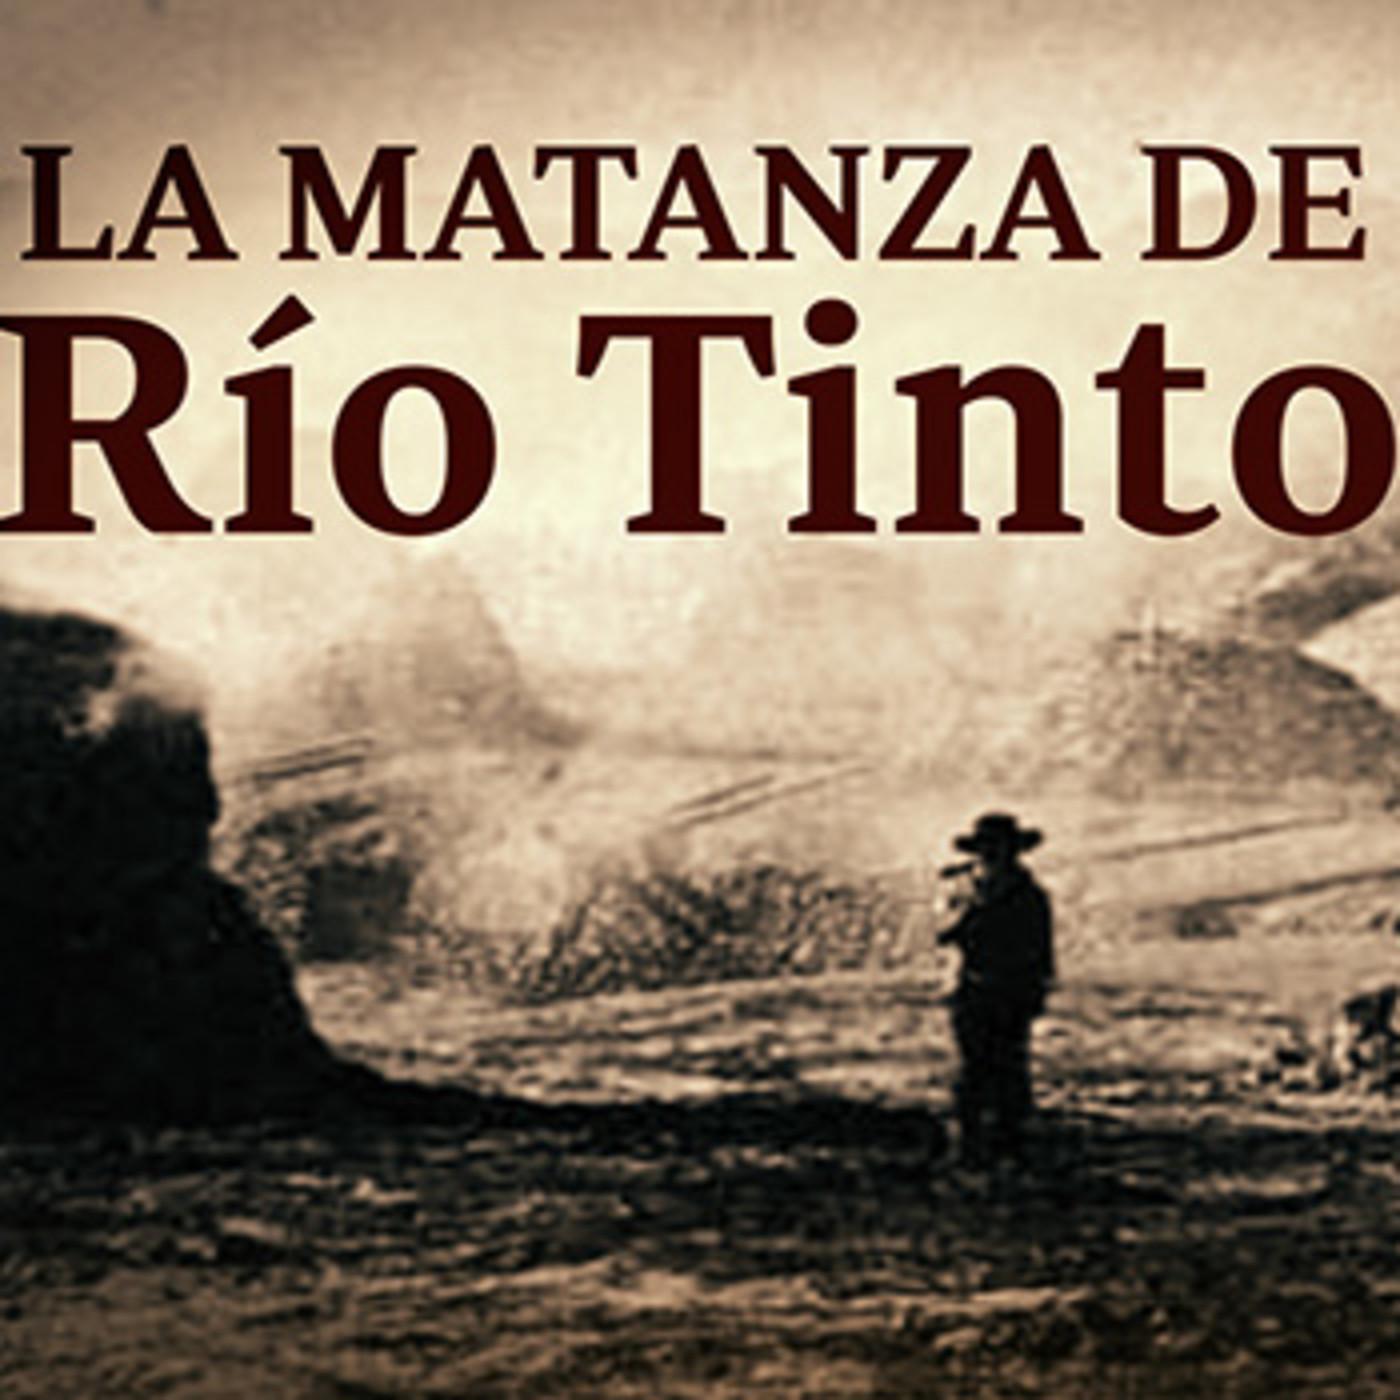 Cuarto milenio: La matanza de Riotinto en Cuarto Milenio (Oficial ...